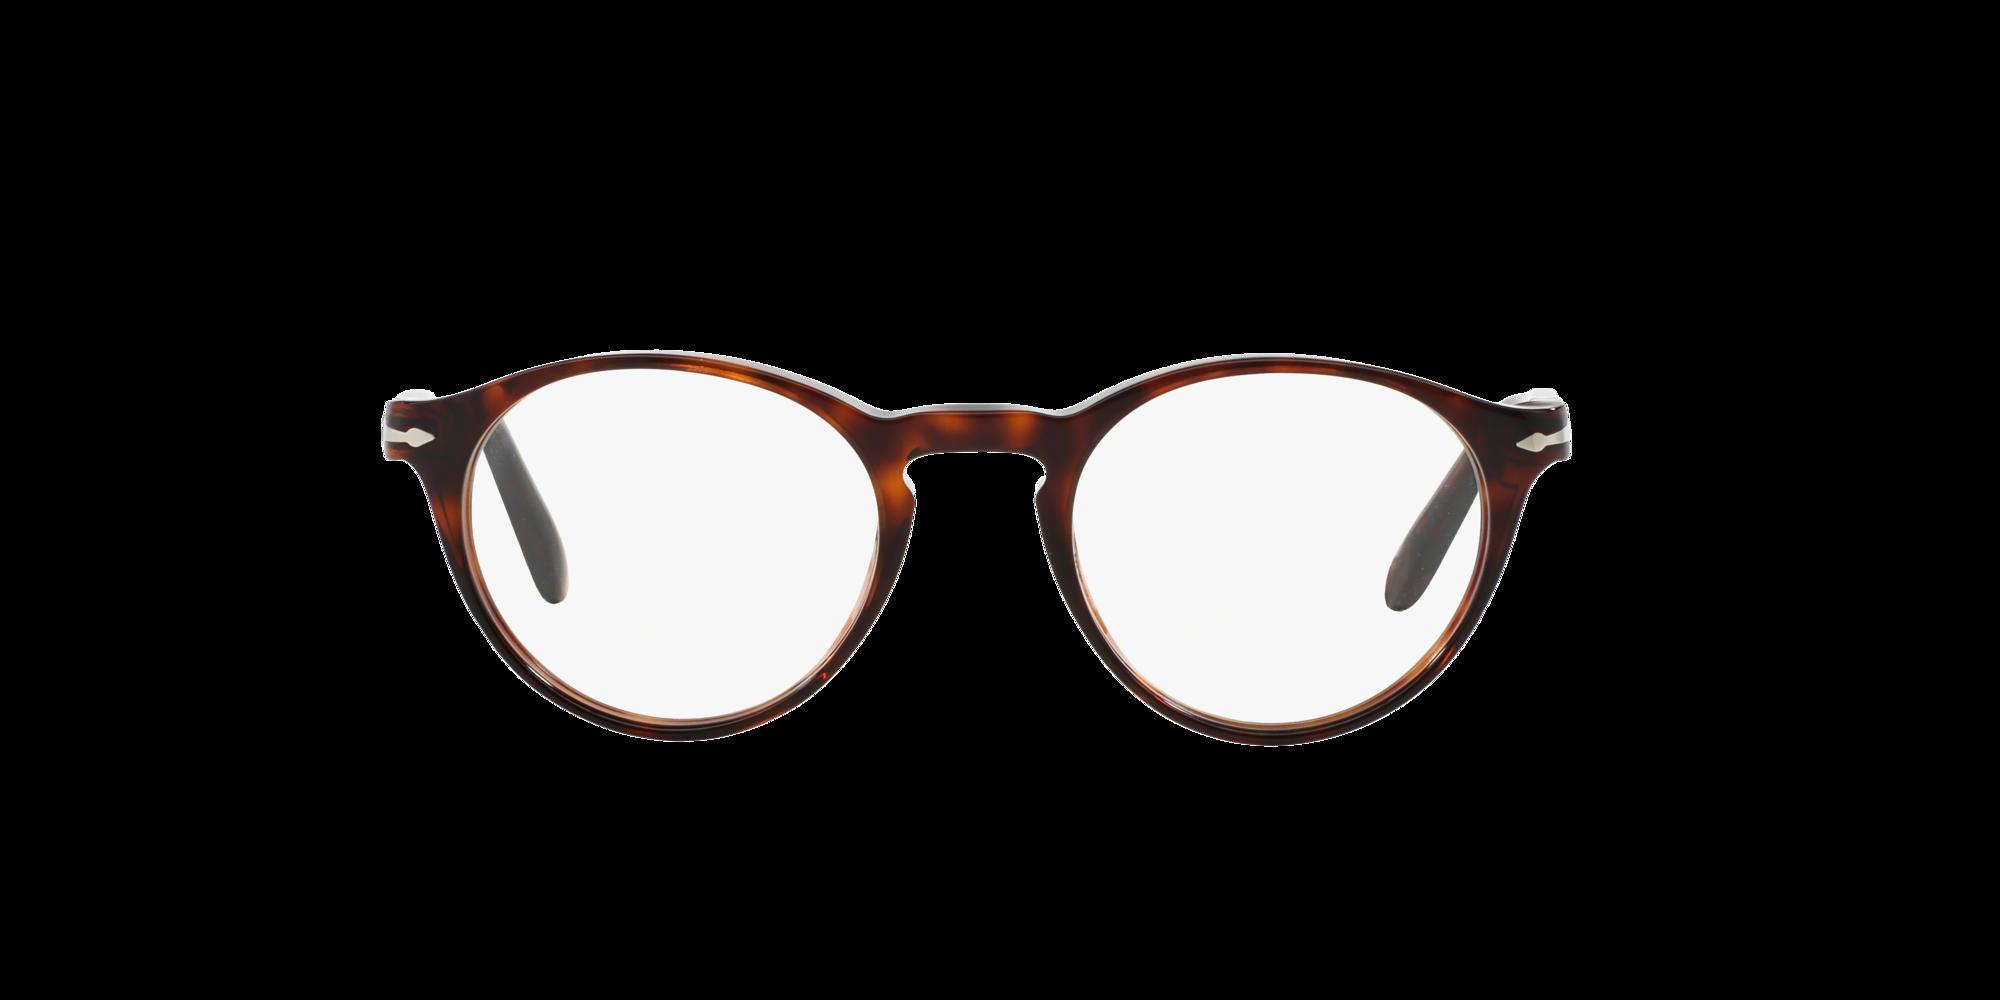 Imagen para PO3092V de LensCrafters |  Espejuelos, espejuelos graduados en línea, gafas